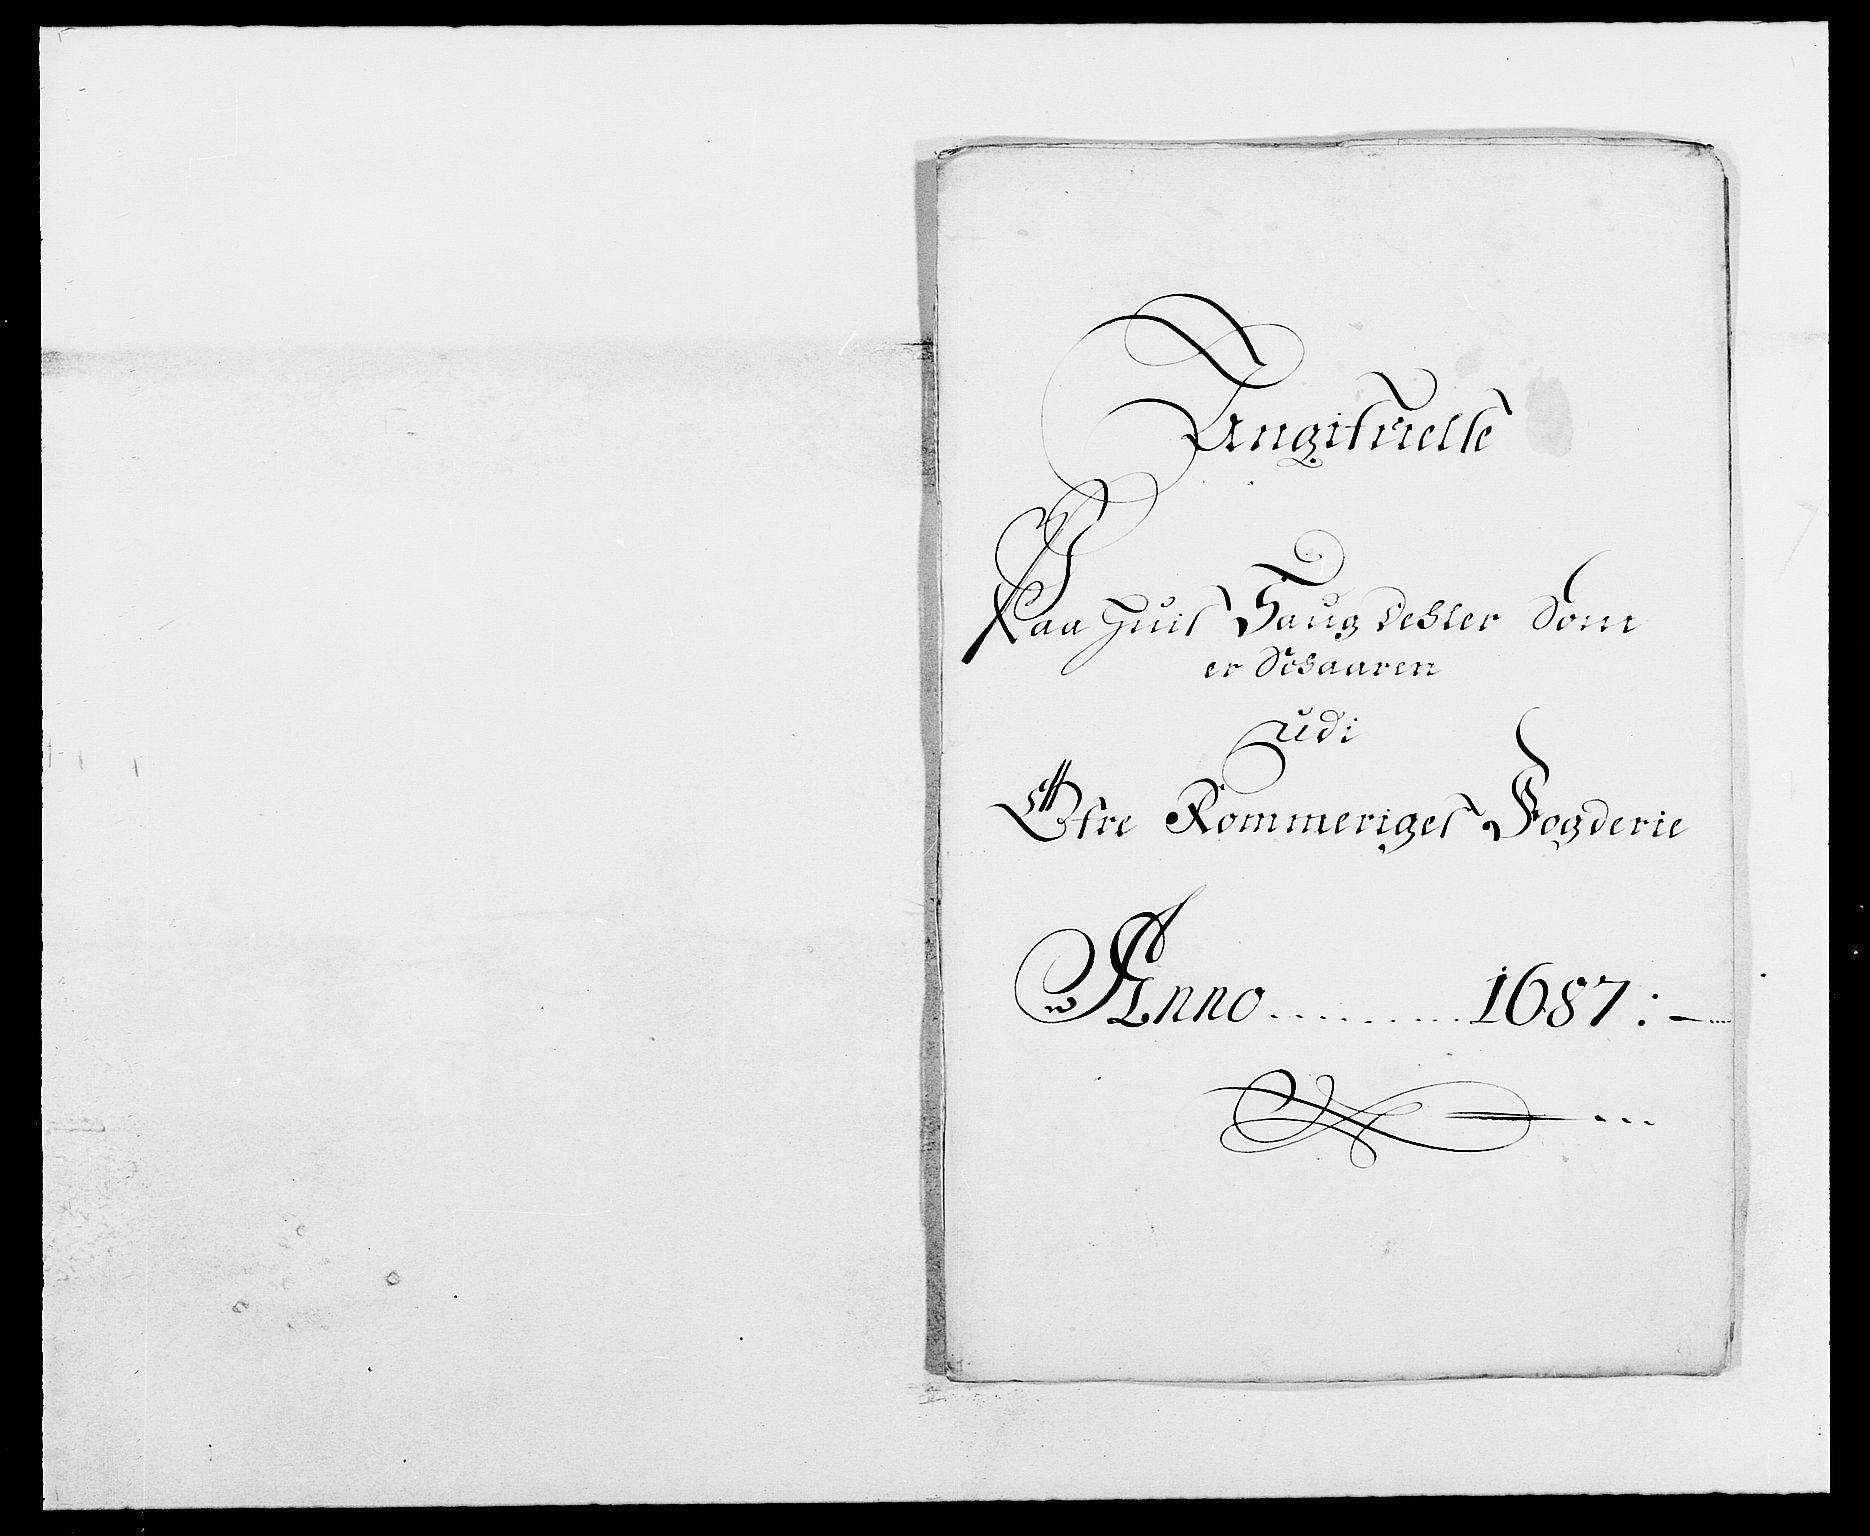 RA, Rentekammeret inntil 1814, Reviderte regnskaper, Fogderegnskap, R12/L0700: Fogderegnskap Øvre Romerike, 1687-1688, s. 160